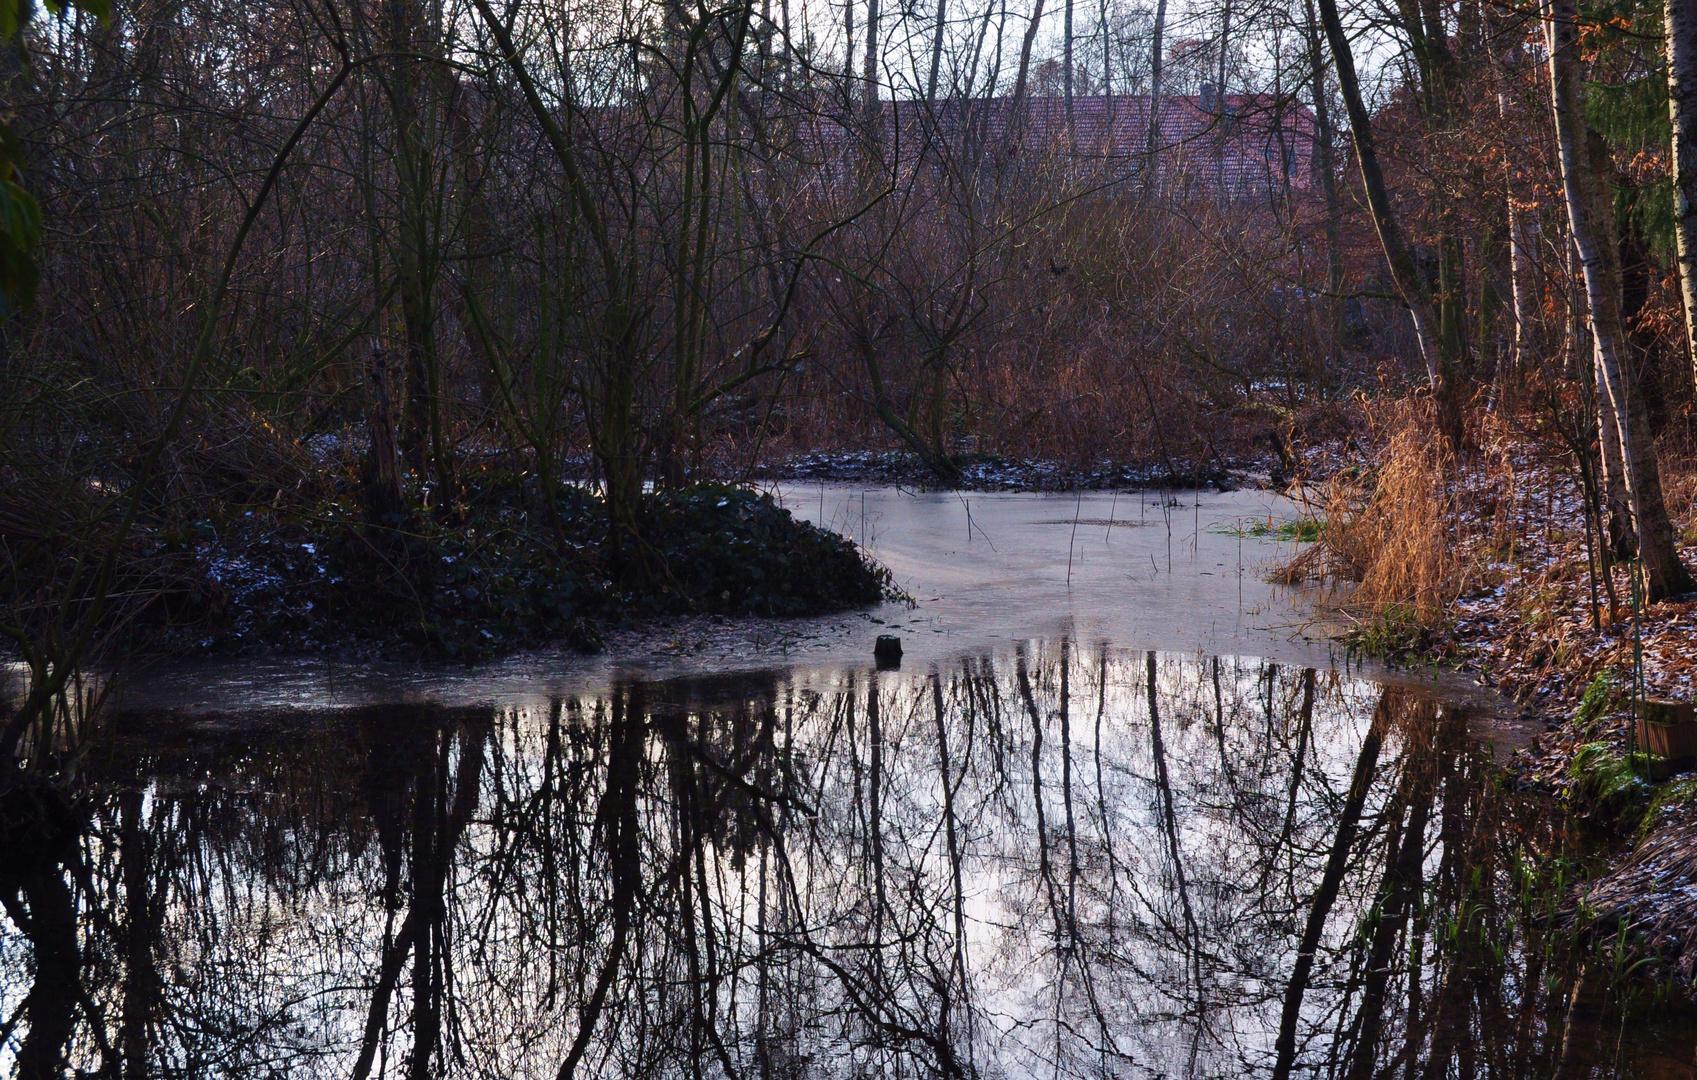 Gemütlich am Teich